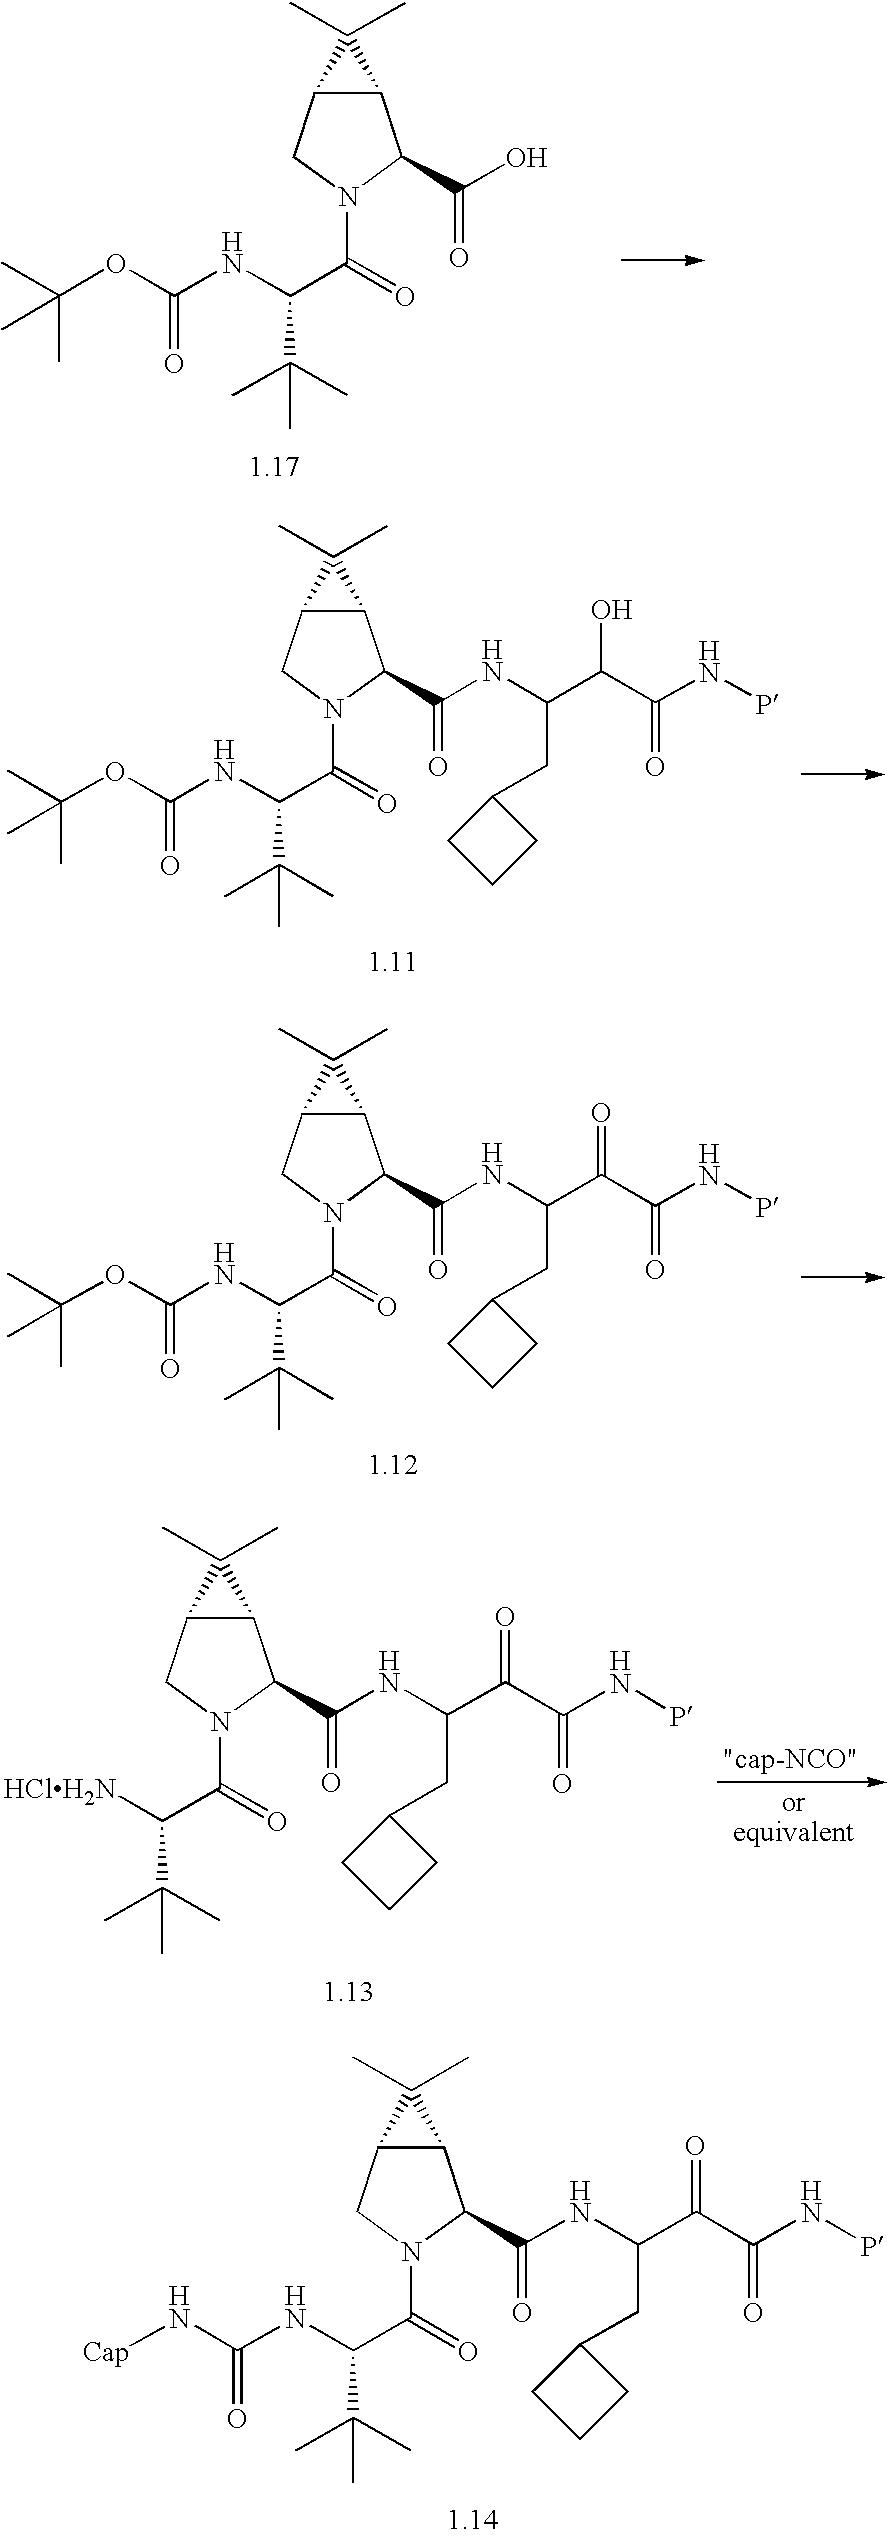 Figure US20060276404A1-20061207-C00106